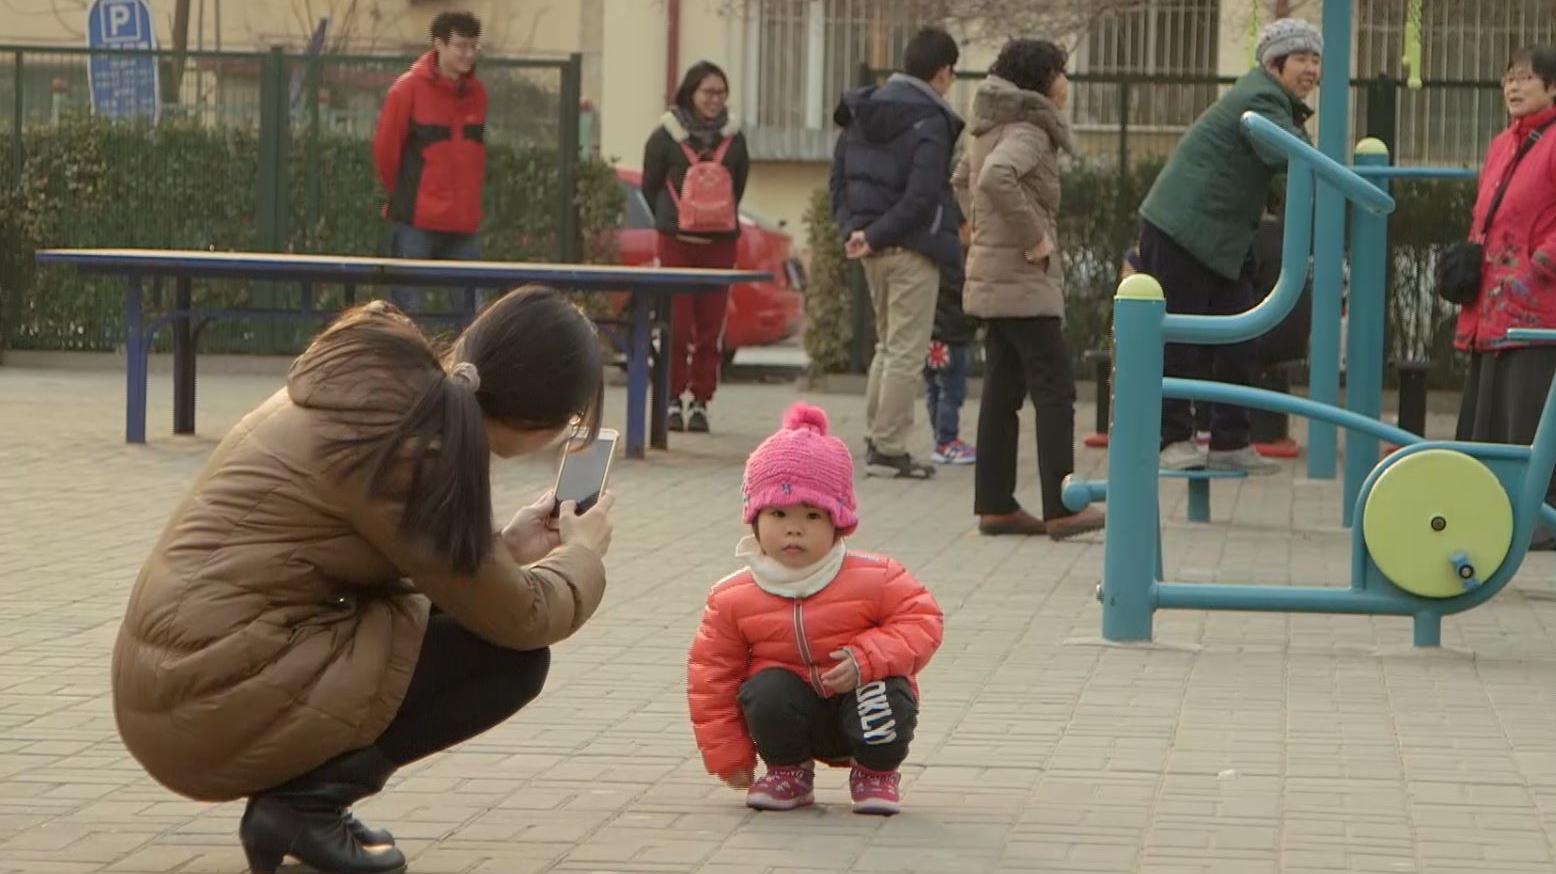 Kina etbarnspolitik